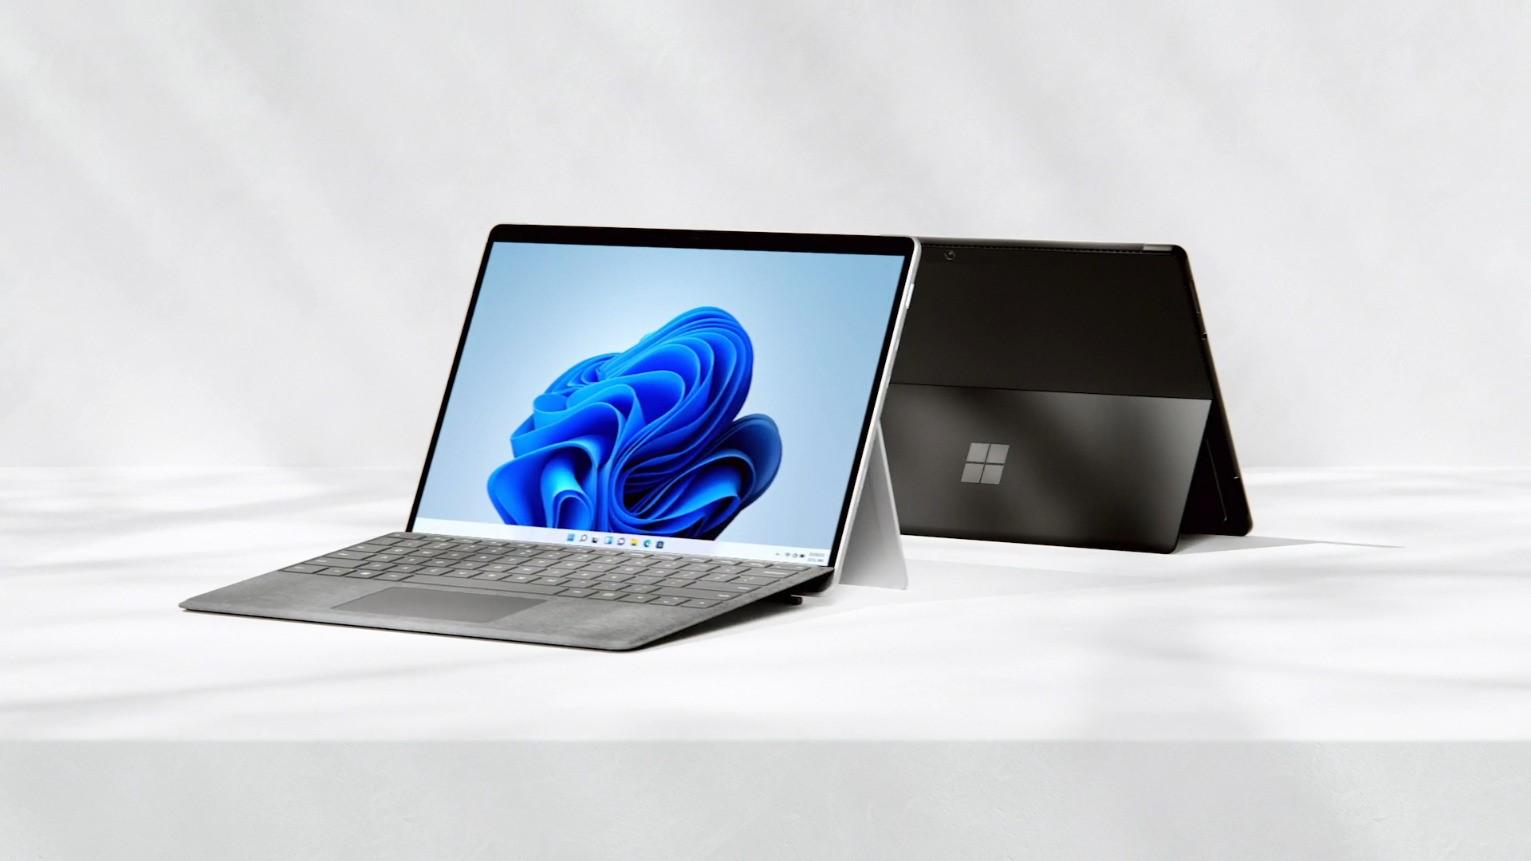 مايكروسوفت تعلن عن Surface Pro 8 مع شاشة 13 بوصة 1